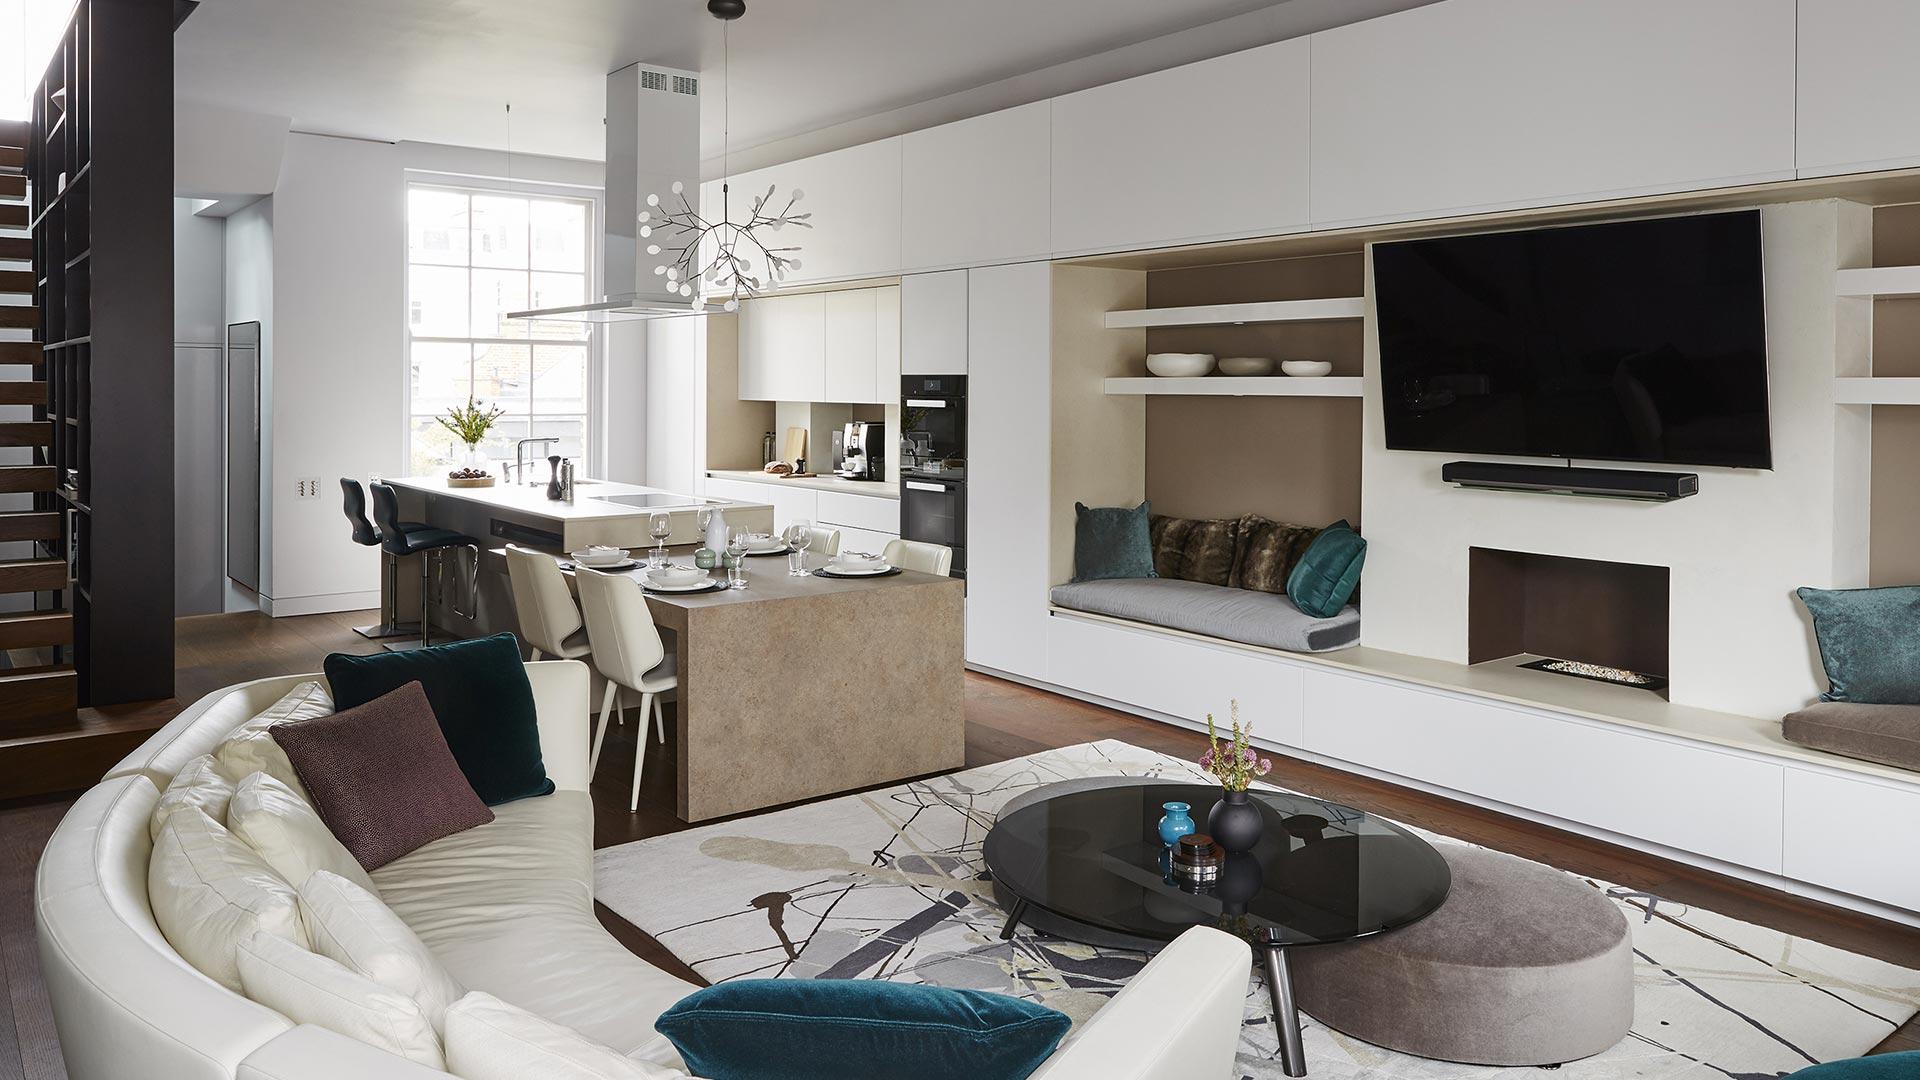 Negli appartamenti moderni è molto frequente scegliere di avere un soggiorno con angolo cottura, anziché una cucina separata dalla living room oppure una. Cucina Con Isola E Tavolo Estraibile Integrata Nell Area Living